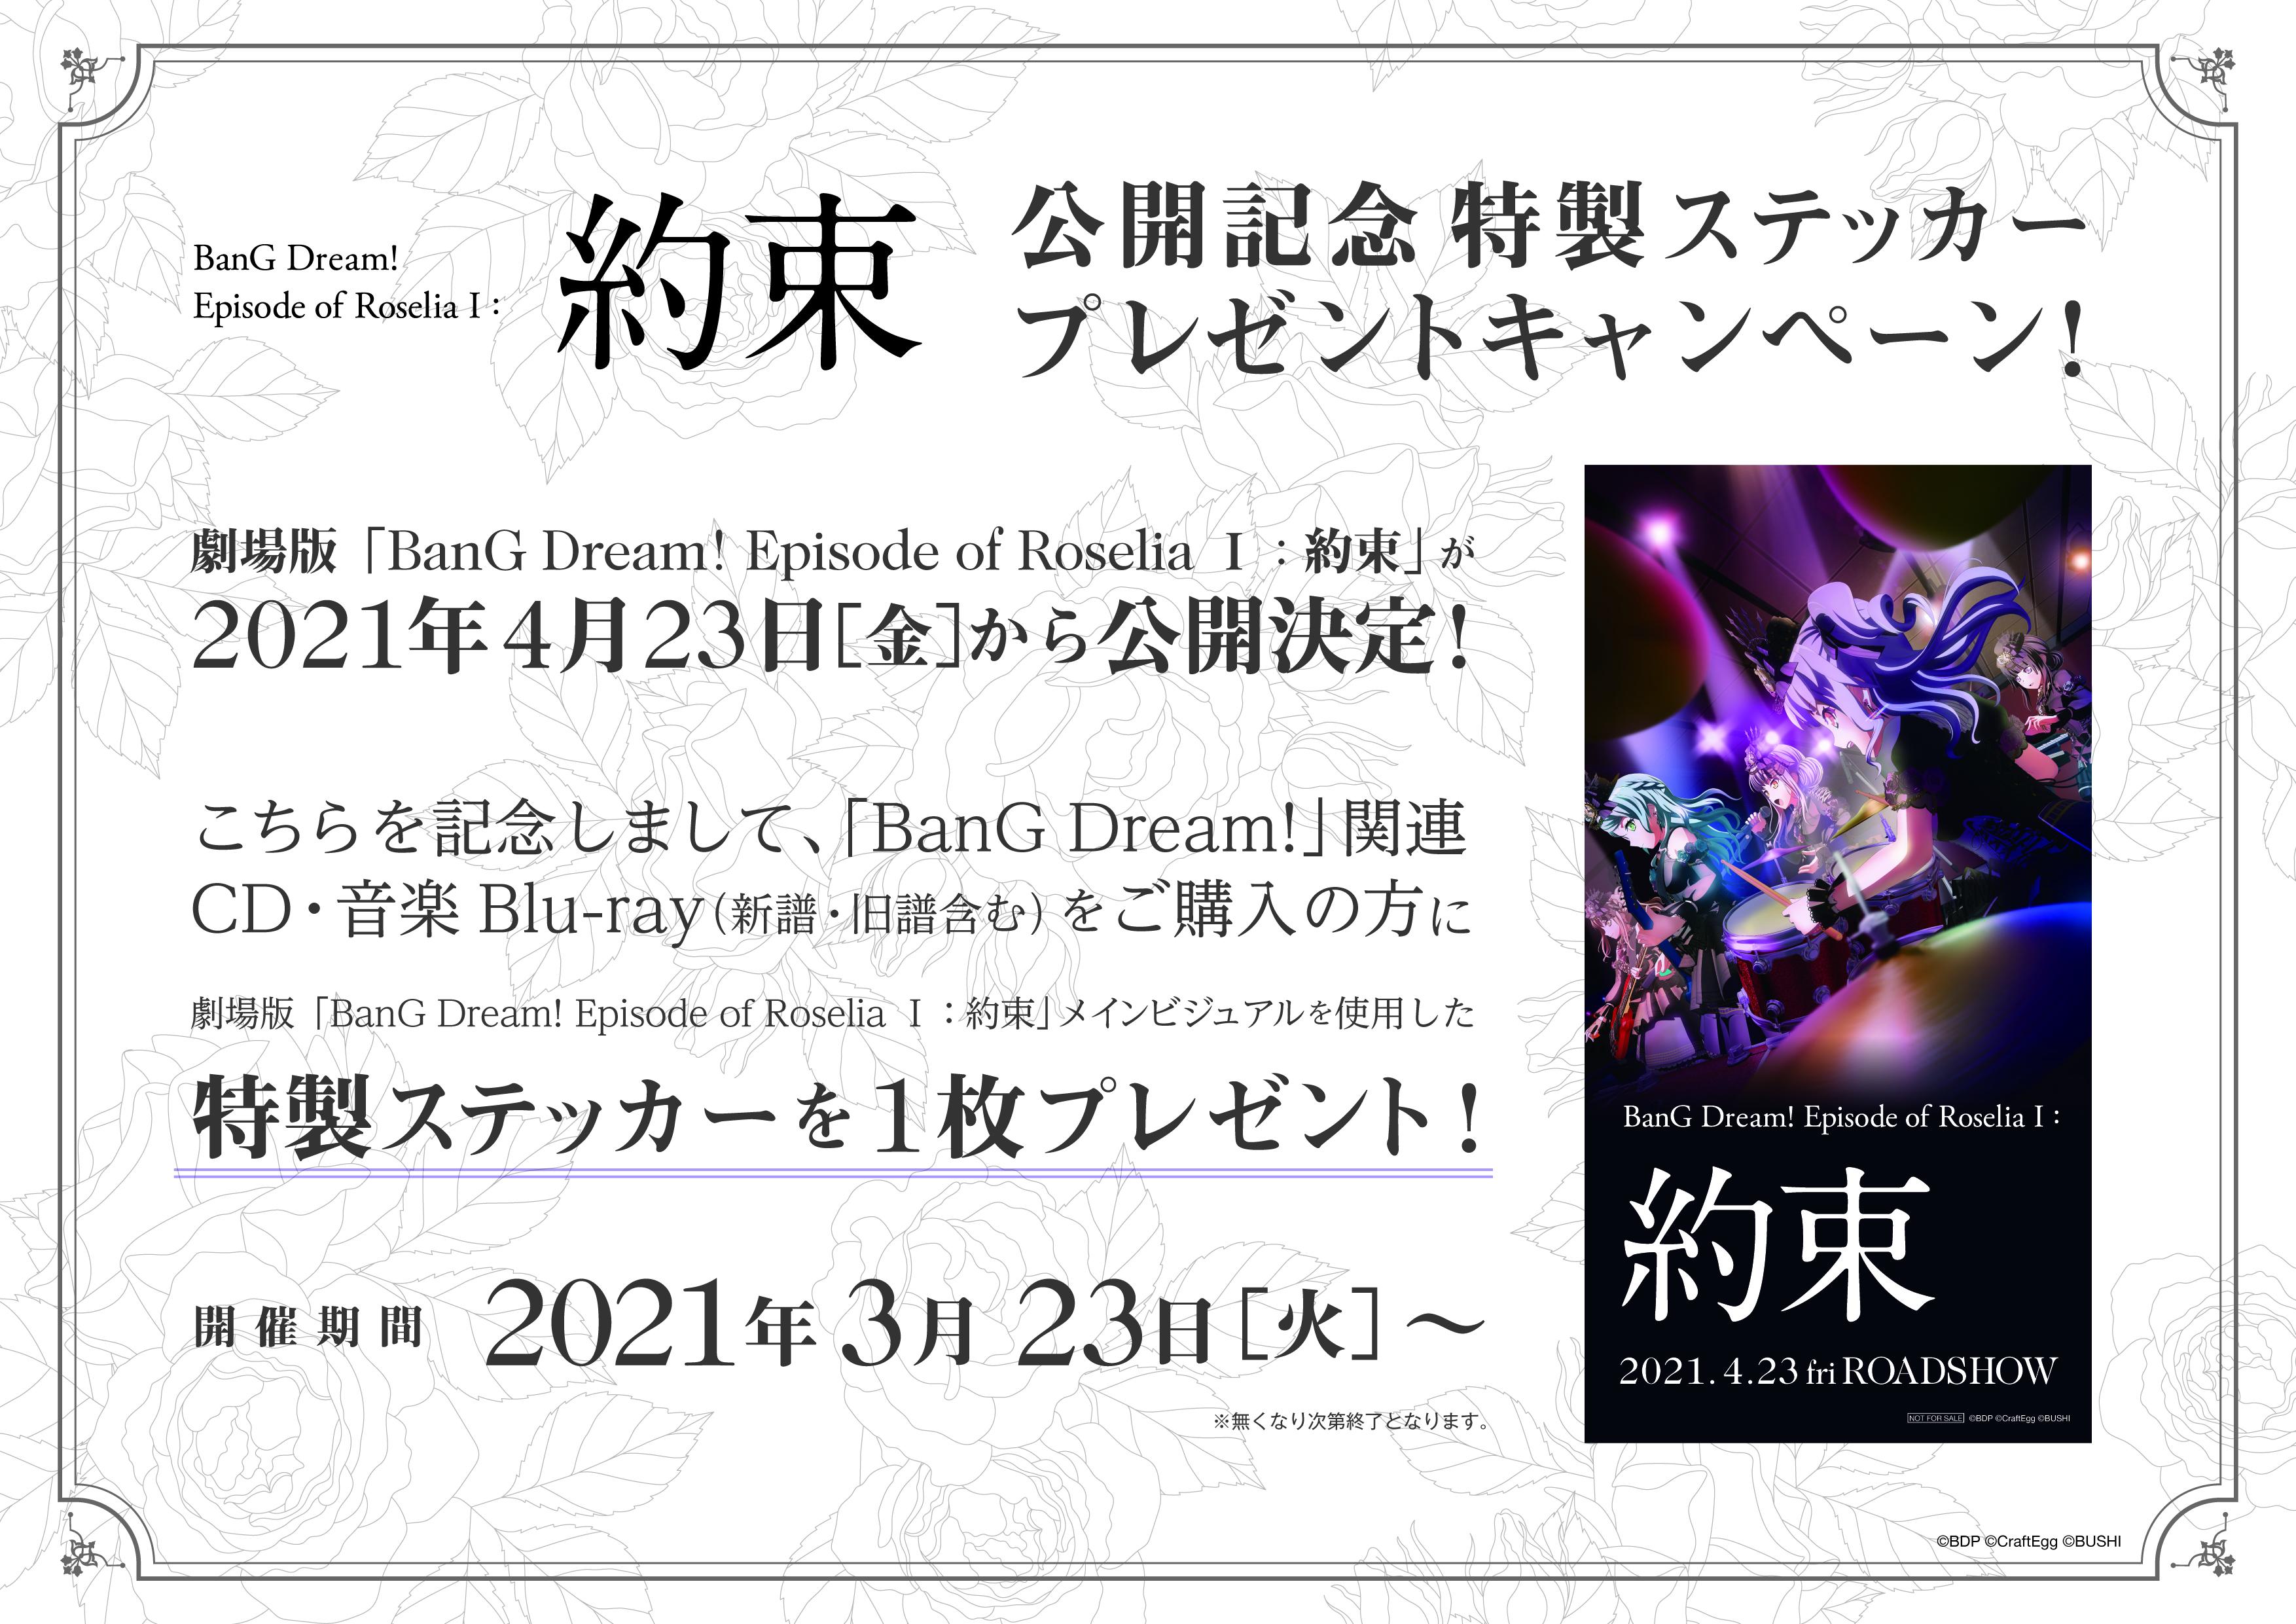 劇場版「BanG Dream! Episode of Roselia Ⅰ : 約束」公開記念ステッカープレゼントキャンペーン!